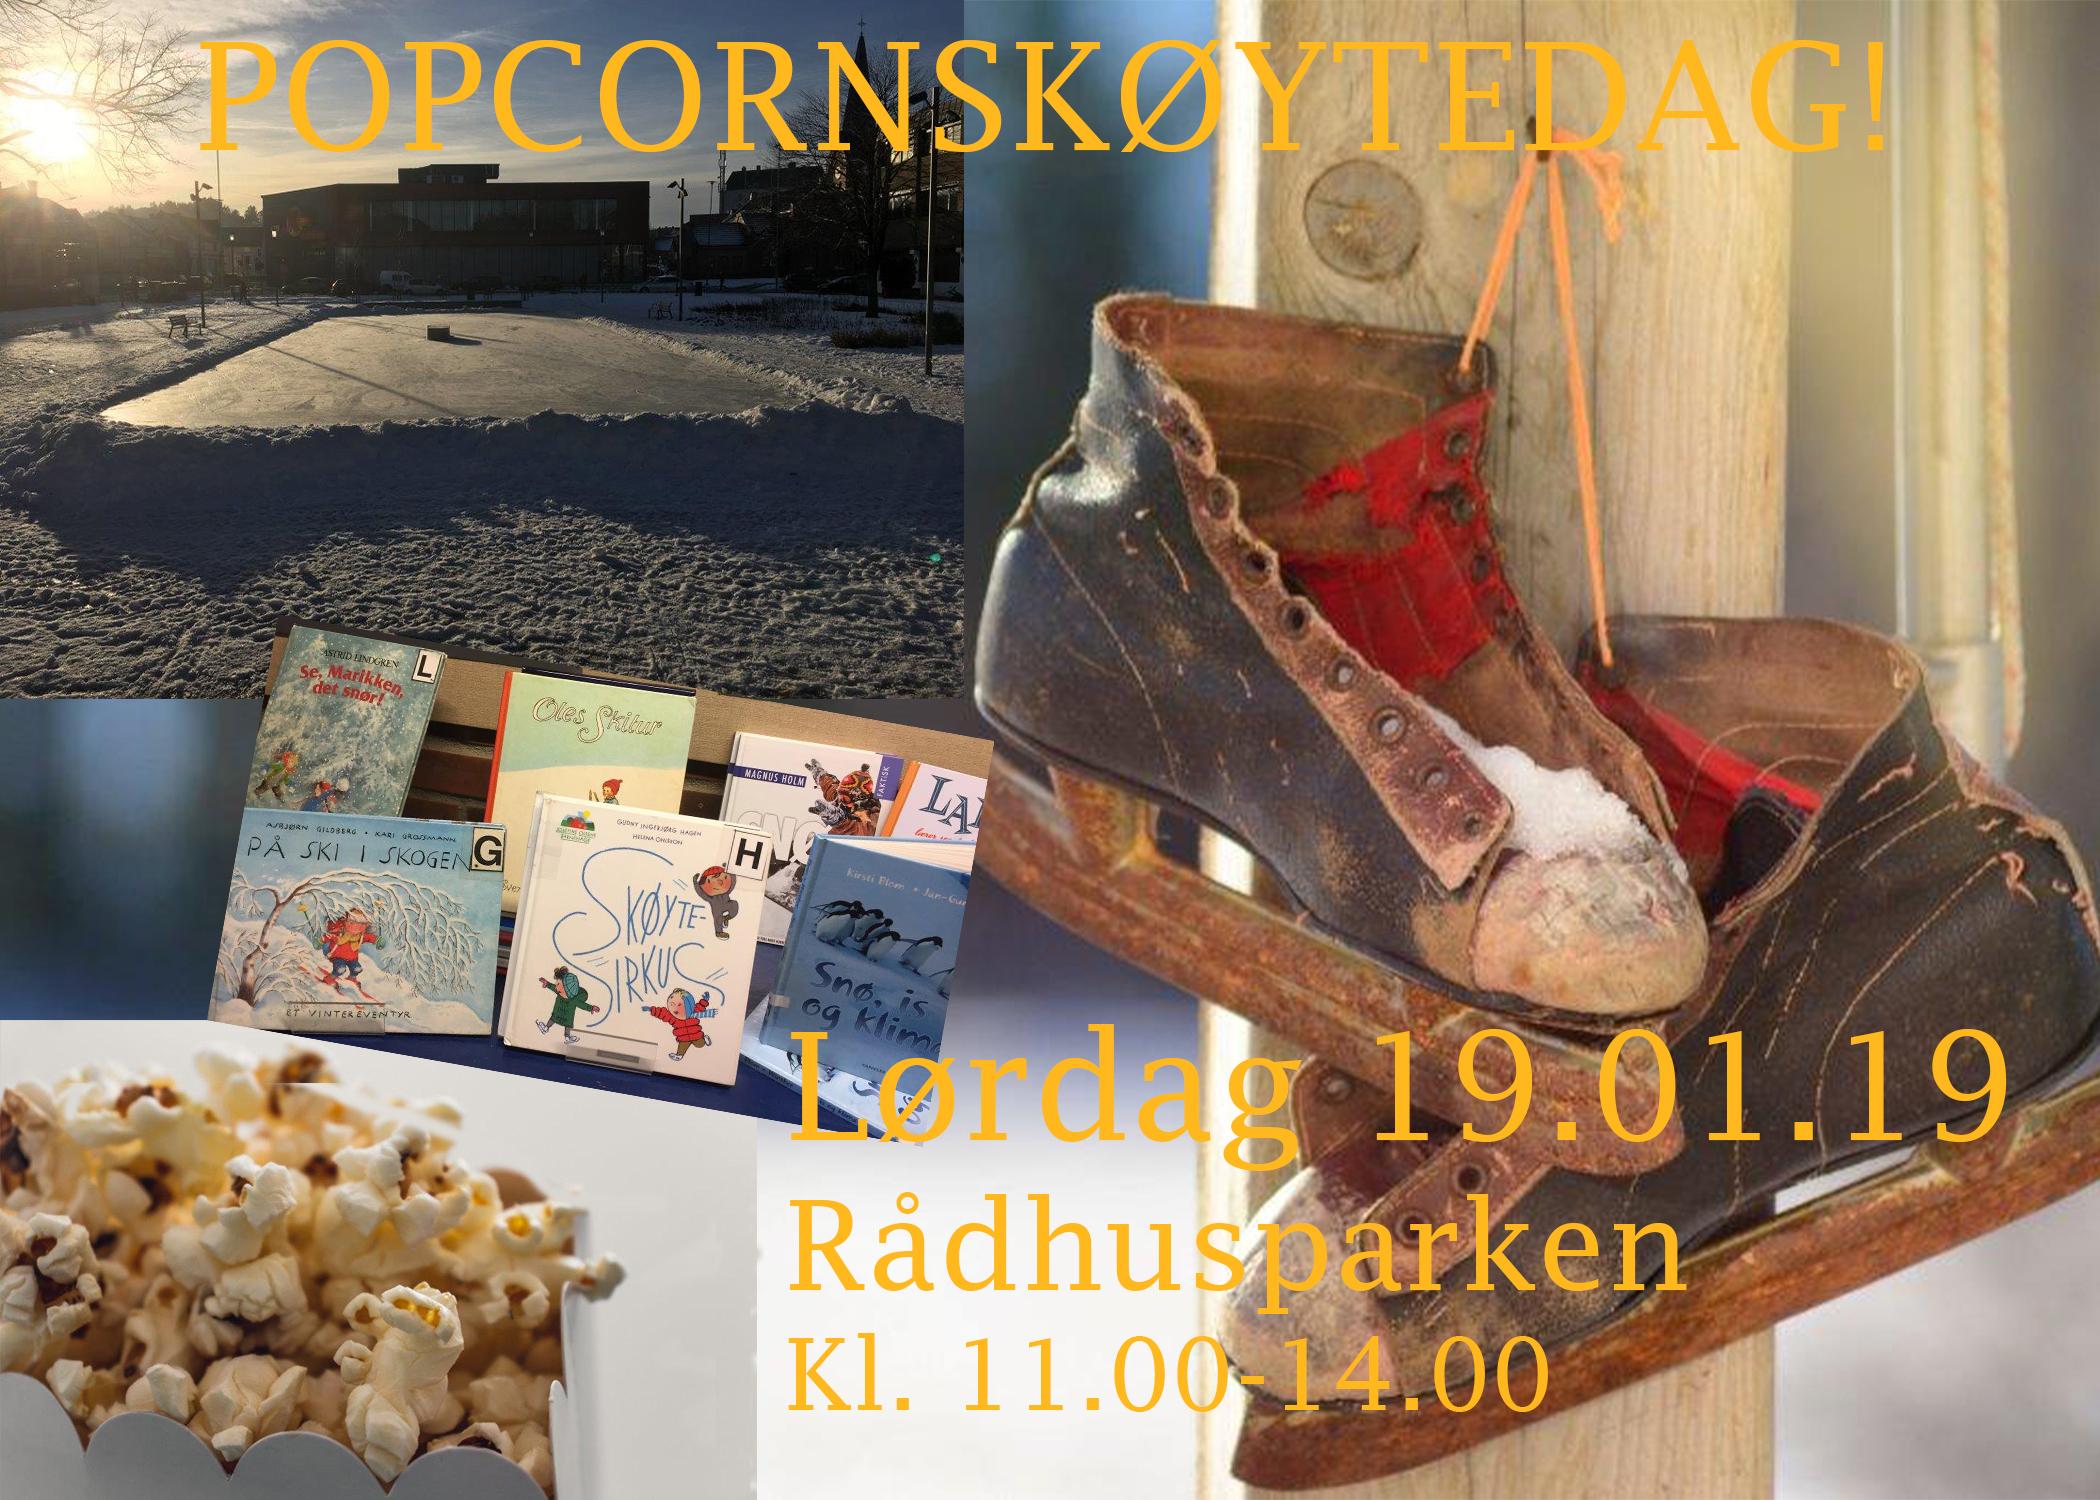 Popcornskøytedagen i Porsgrunn